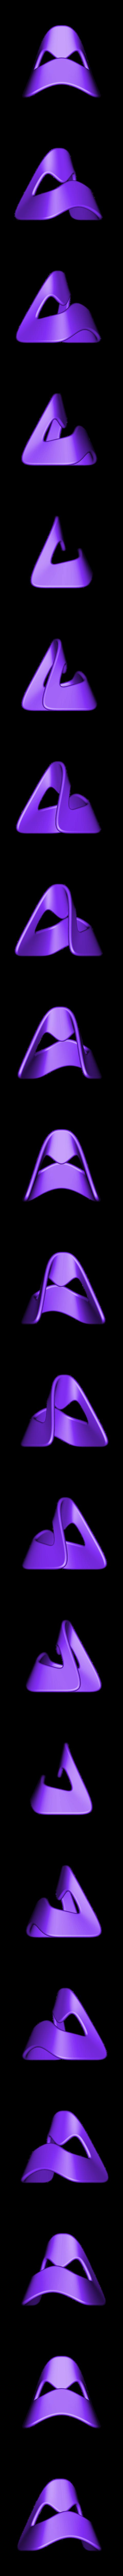 mask.stl Download STL file Mask phone holder • 3D printer object, 2LA